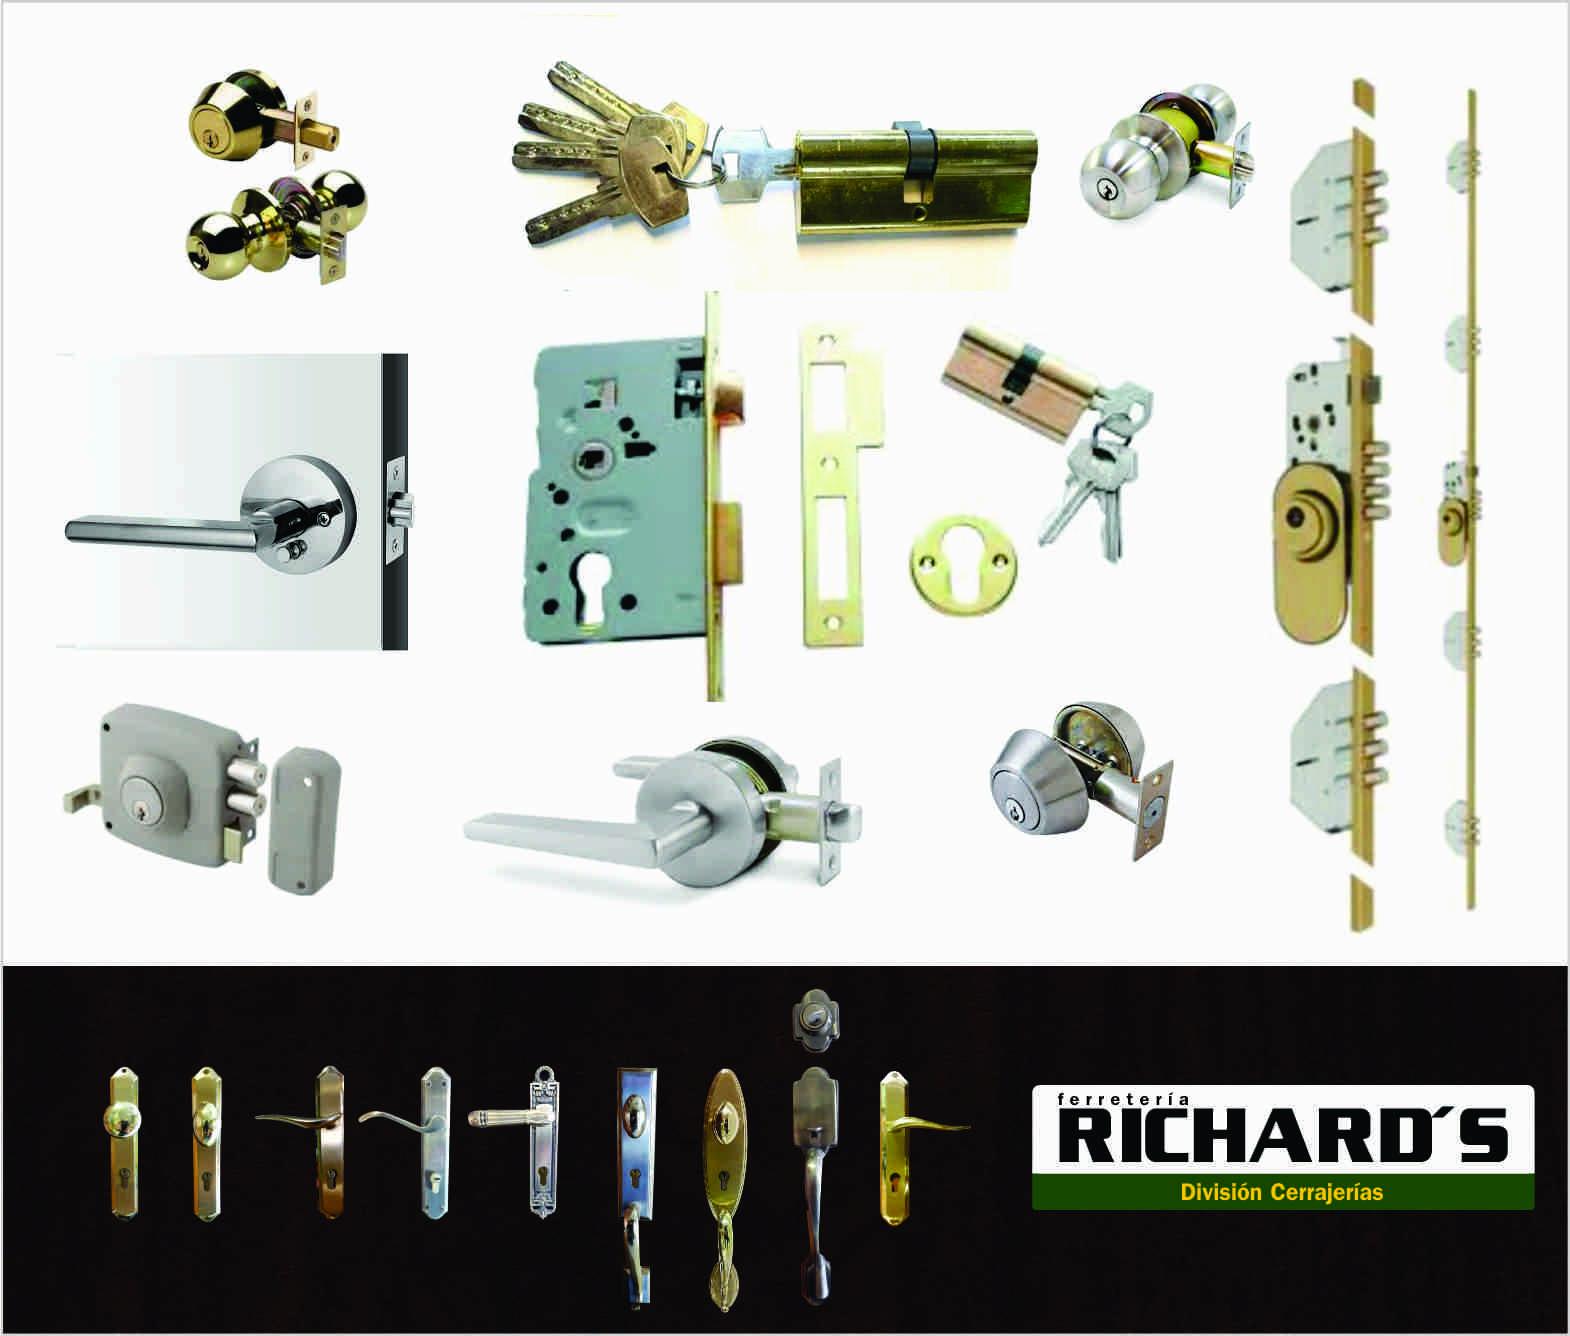 Tipos de cerraduras para puertas ferreter a richard s for Tipos de llaves de puertas